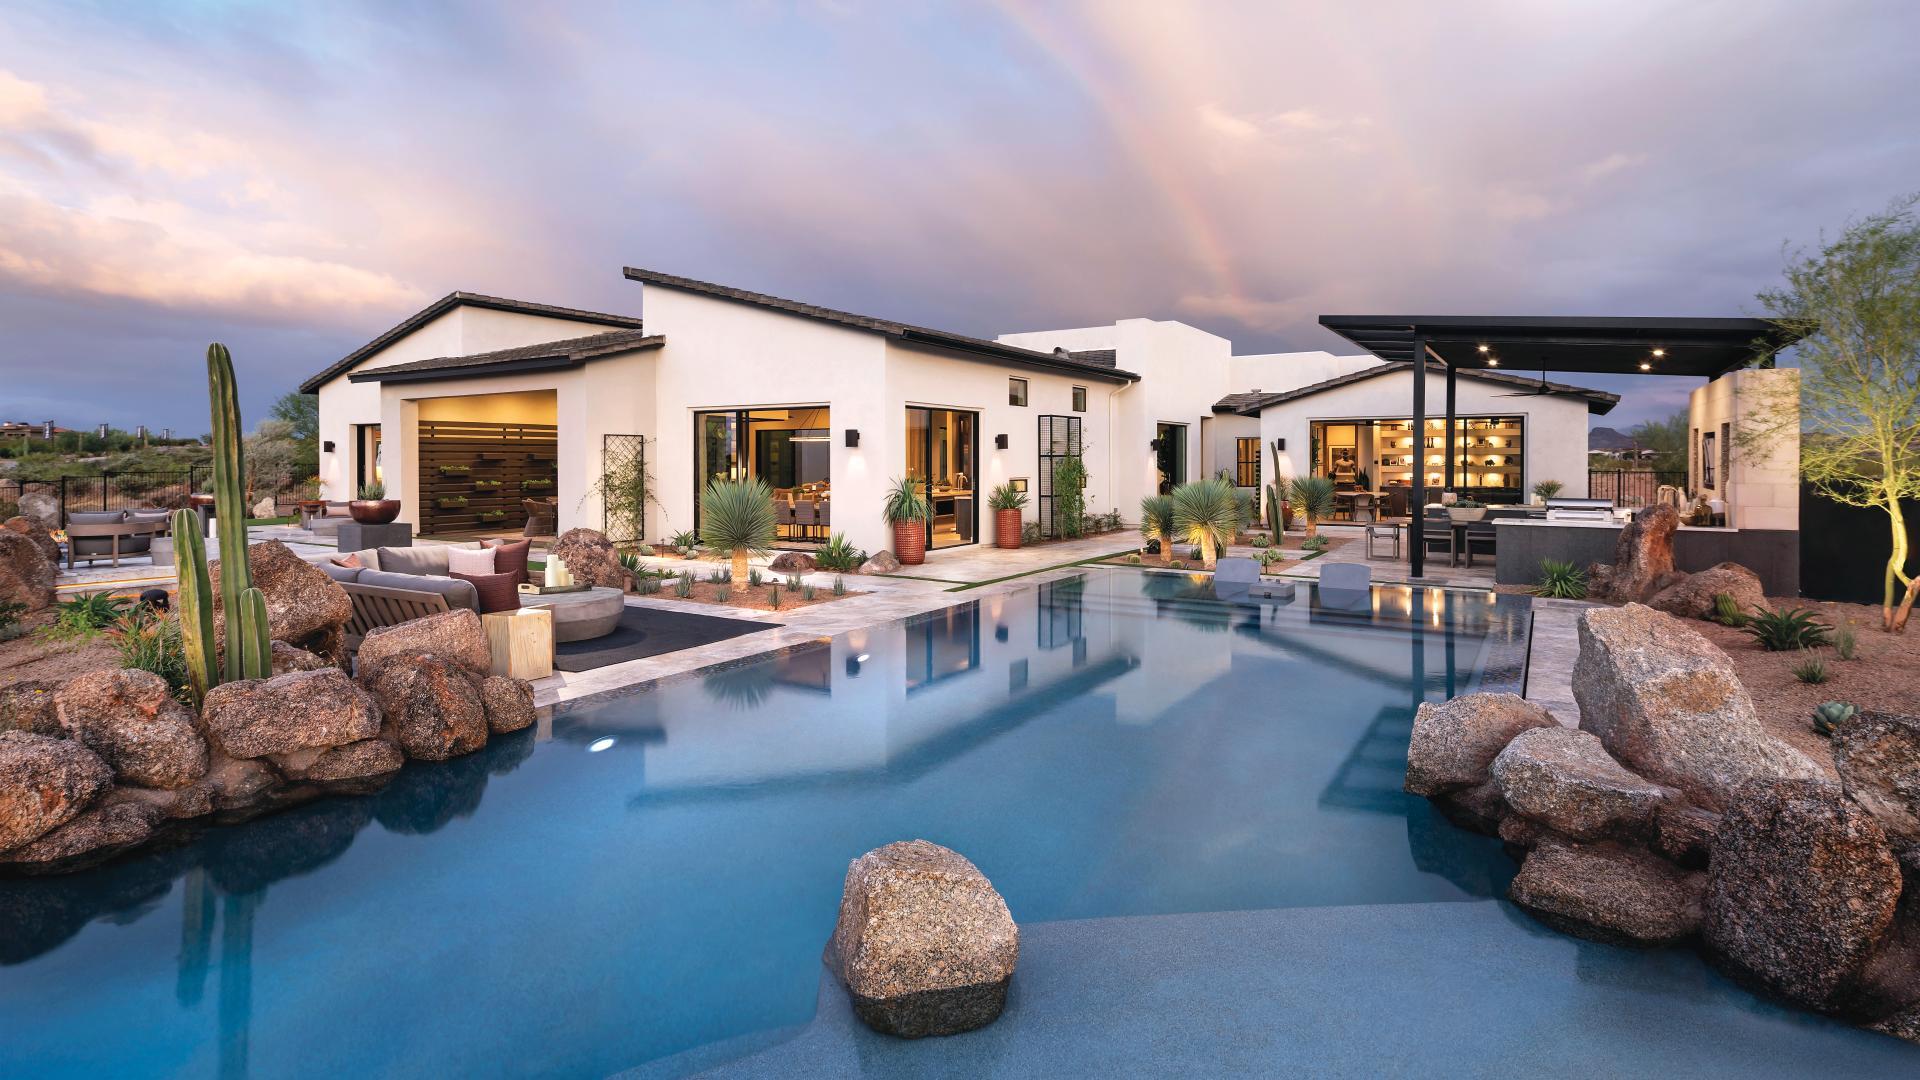 Luxury single-family homes nestled in the Sonoran Desert